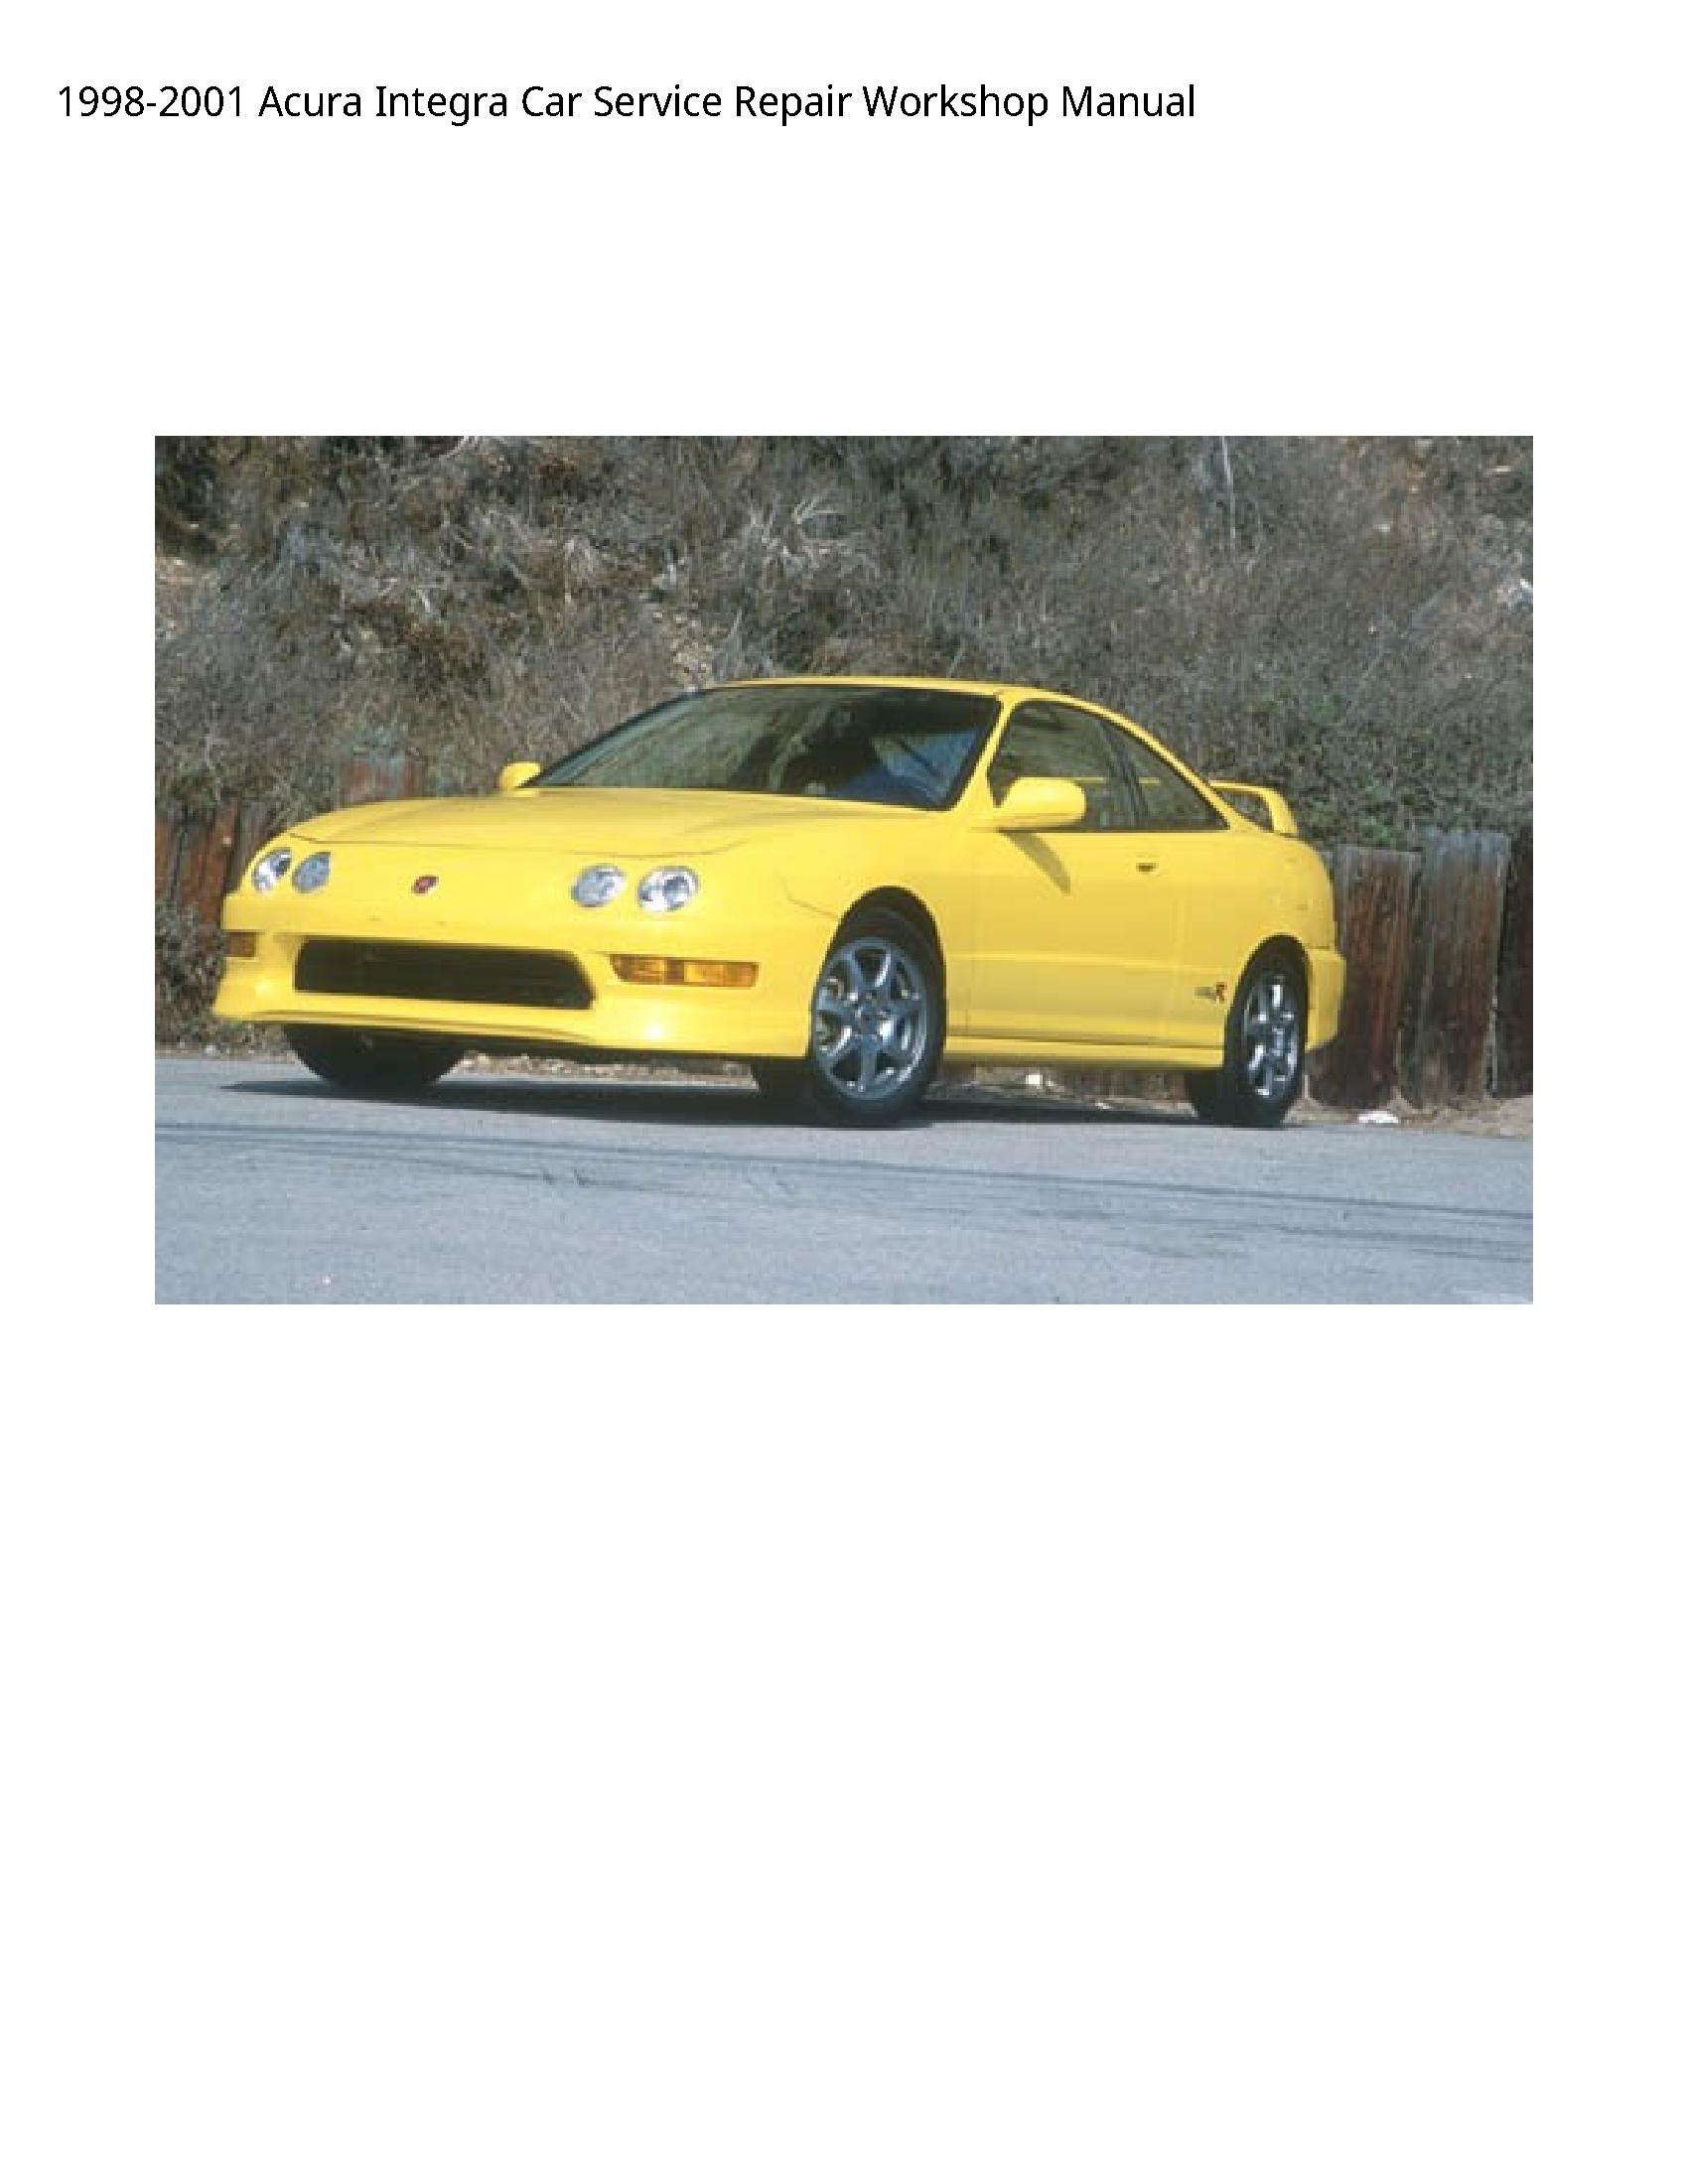 Acura Integra Car manual